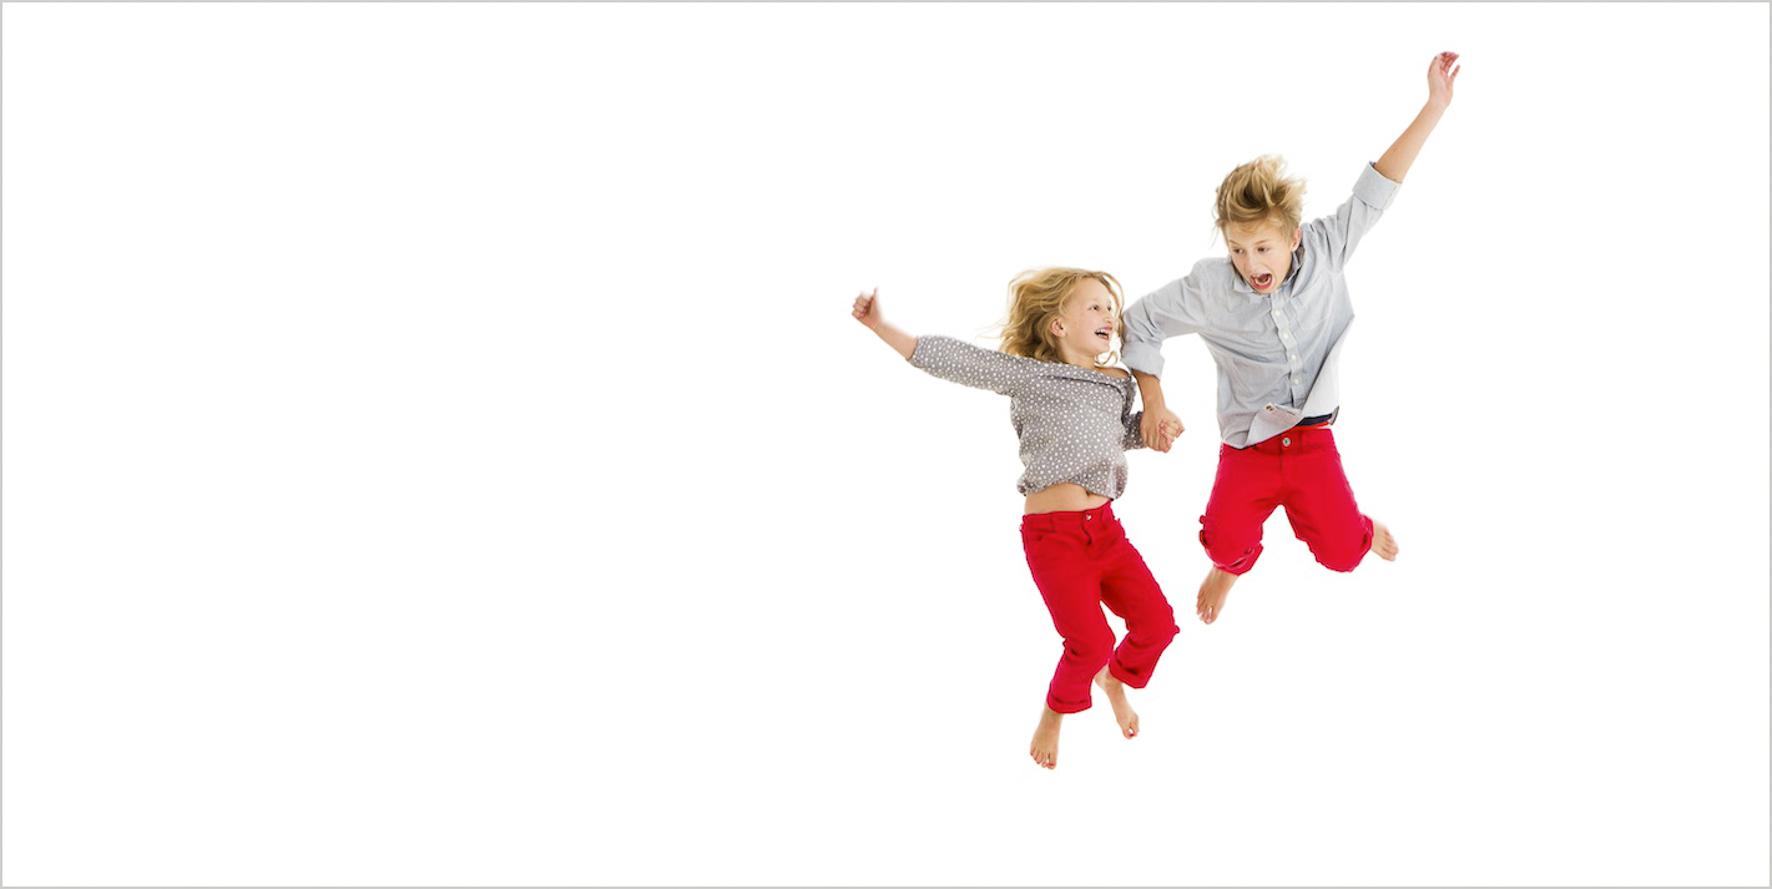 Kinderfotografie Sprungbild ungezwungen